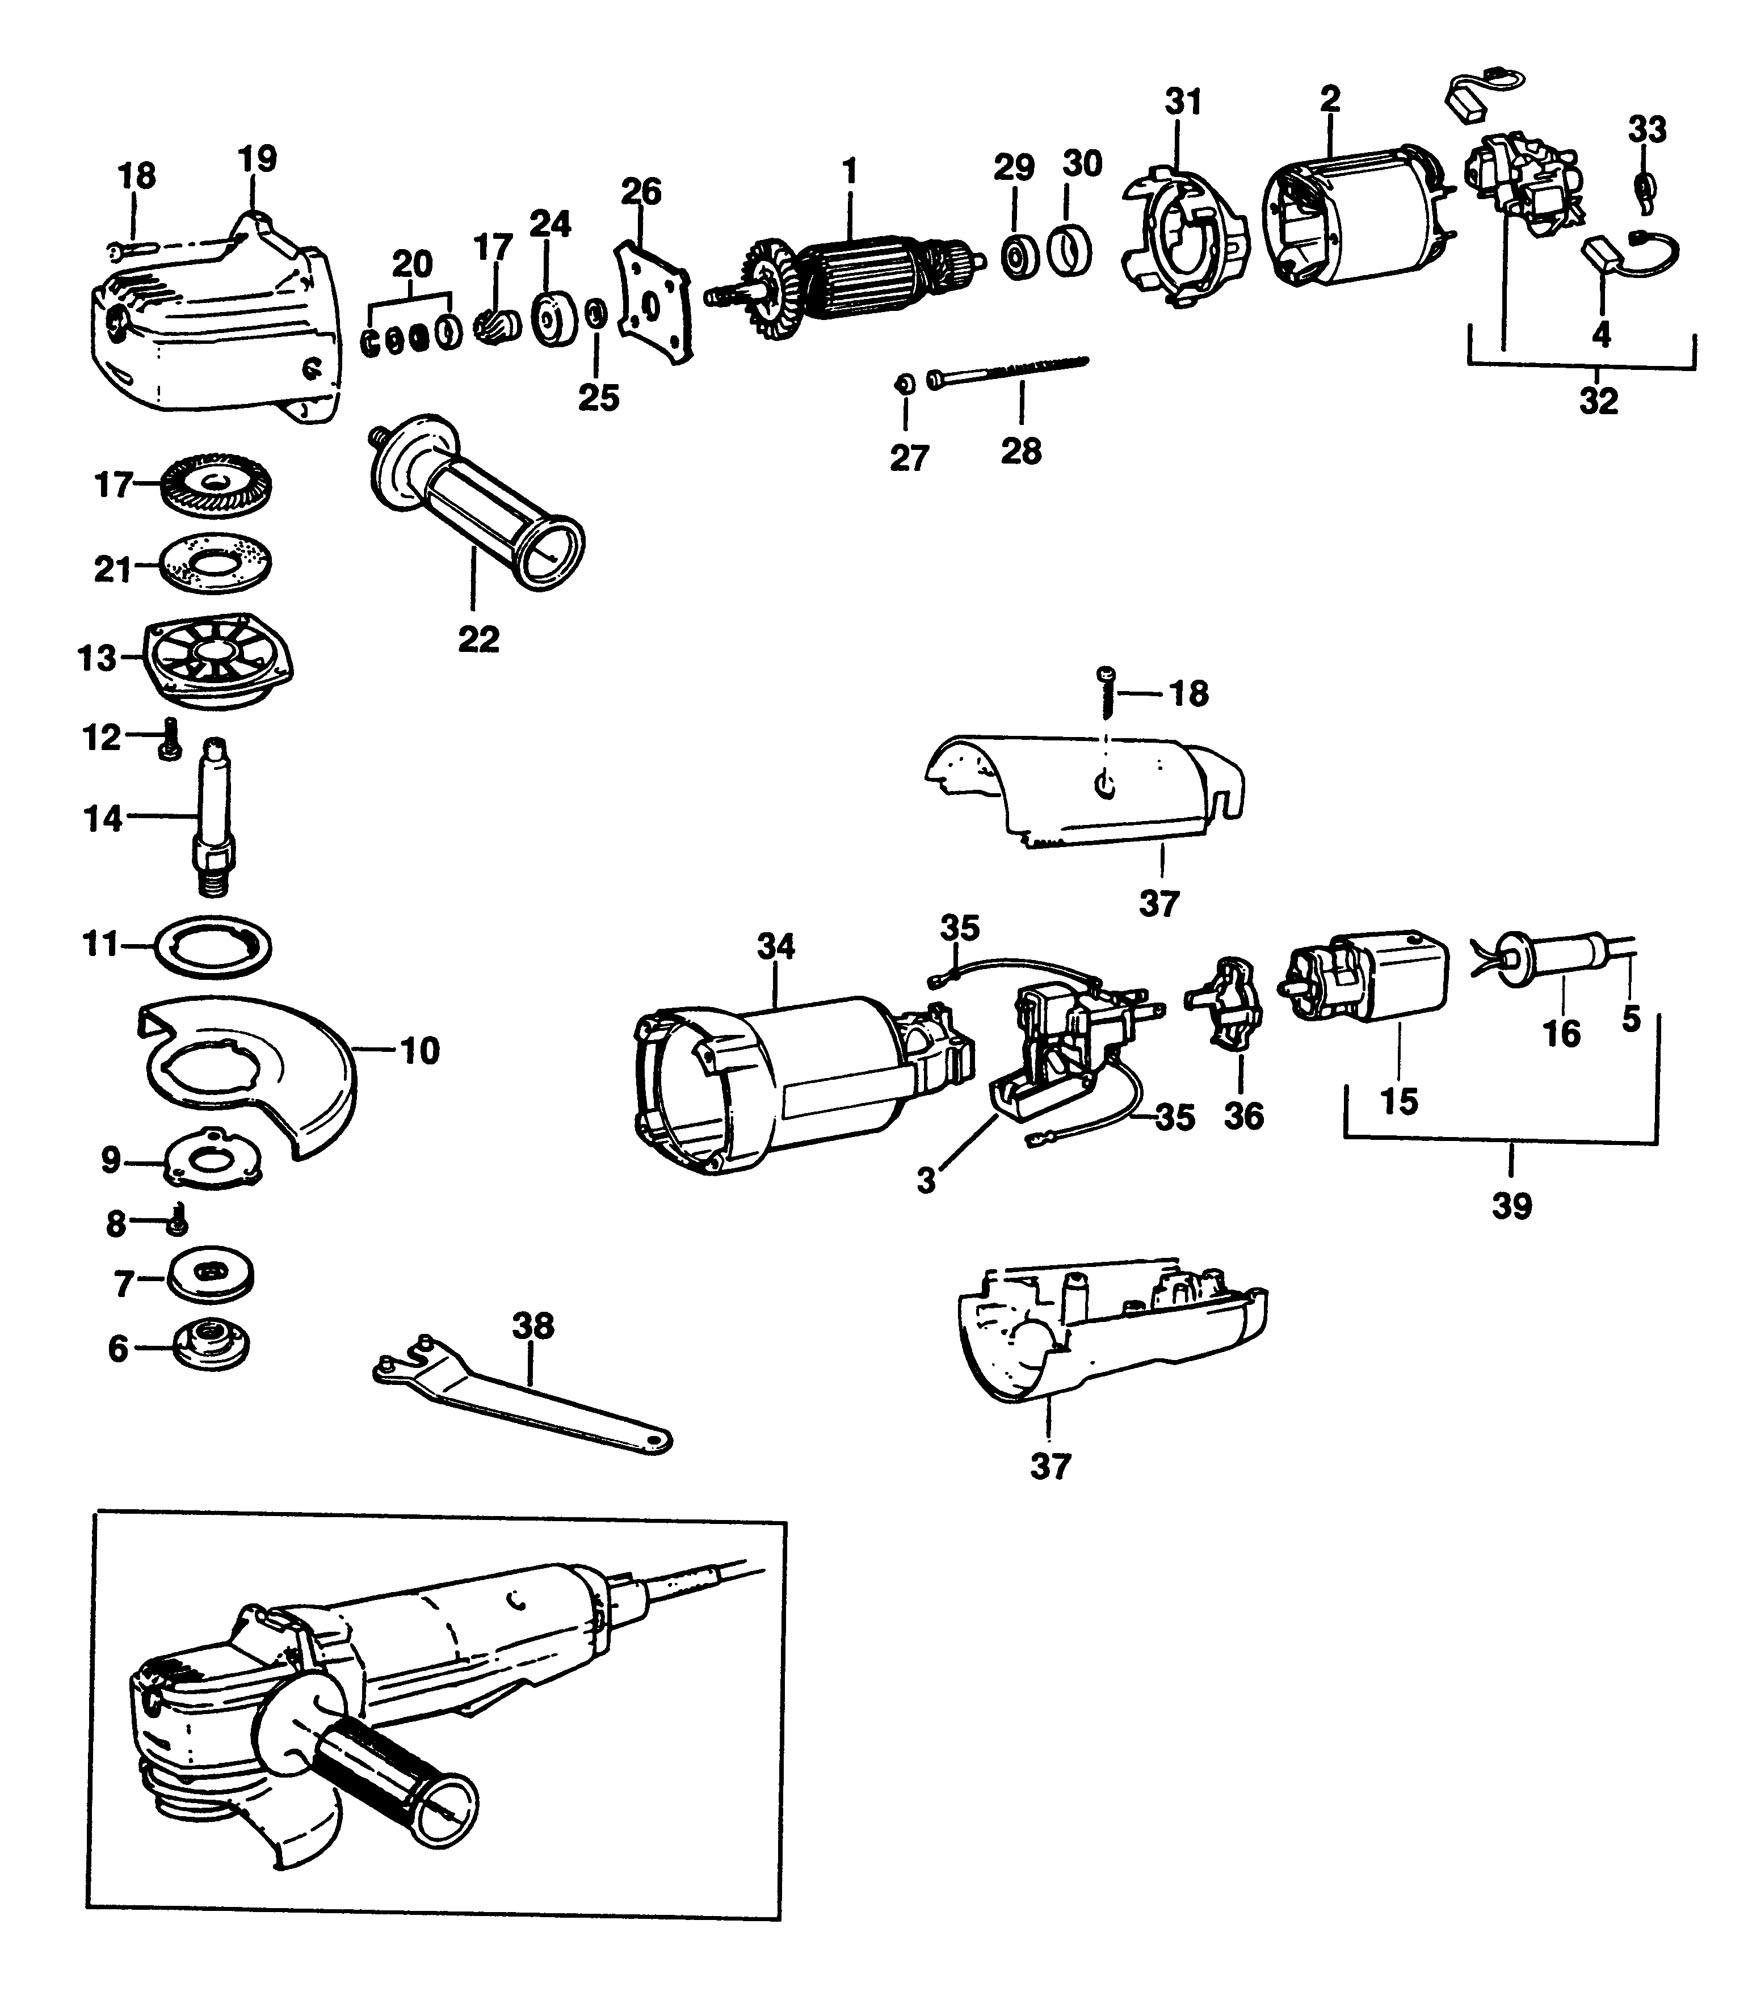 Spares For Black Amp Decker Pl80 Sander Grinder Type 2